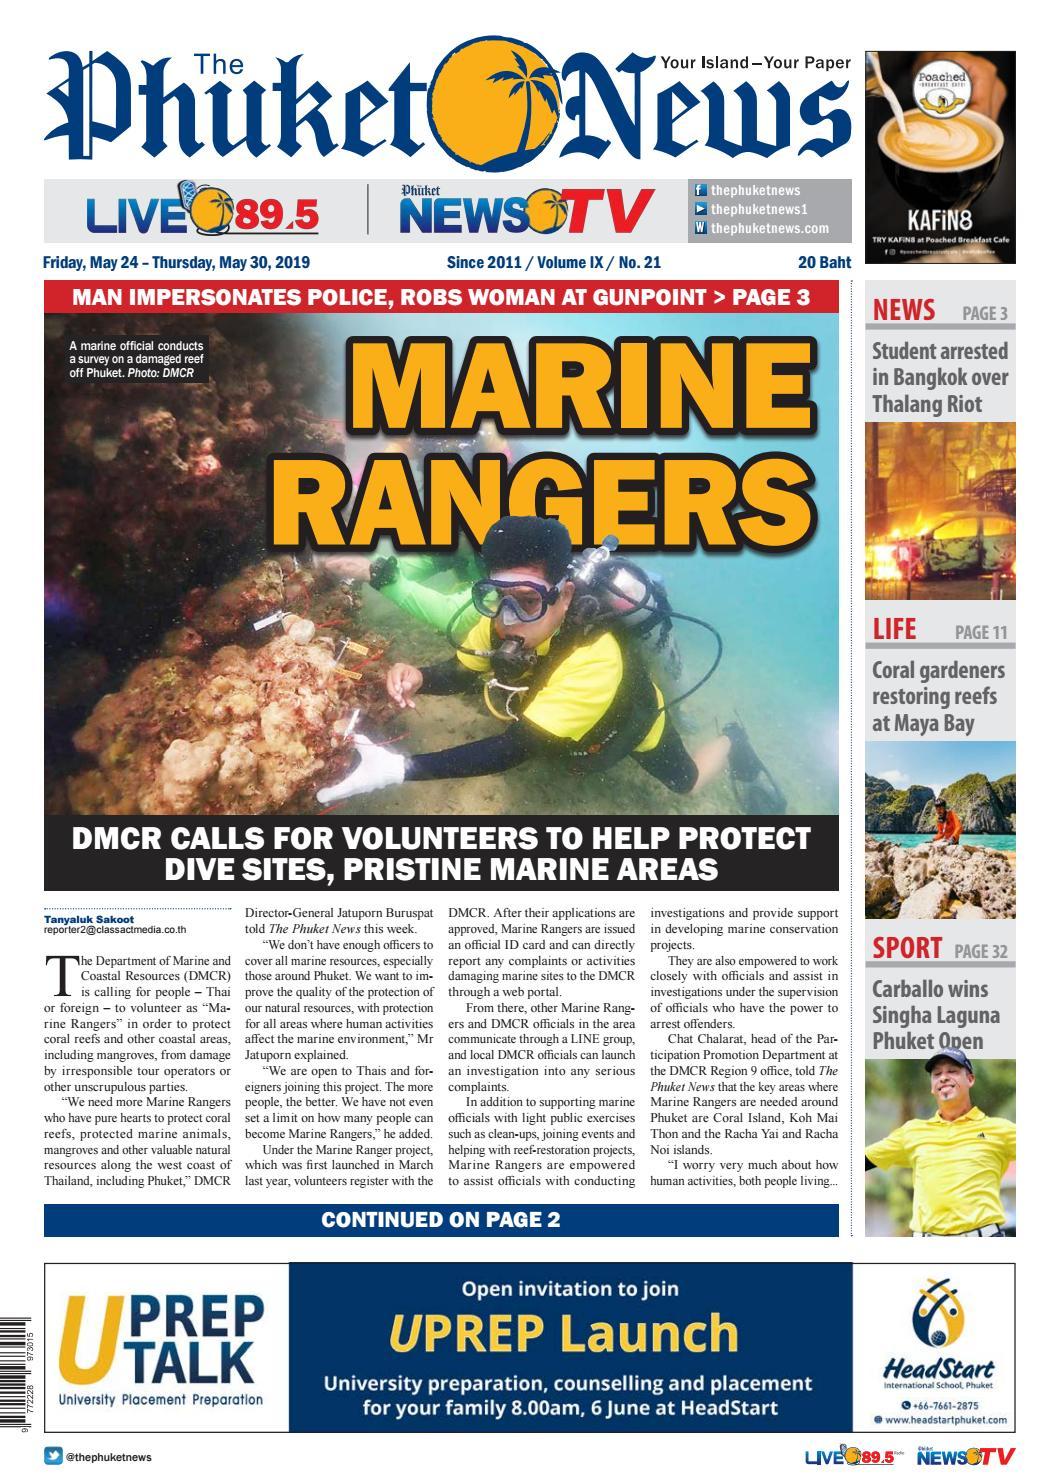 The Phuket News 24 May 2019 by The Phuket News - issuu